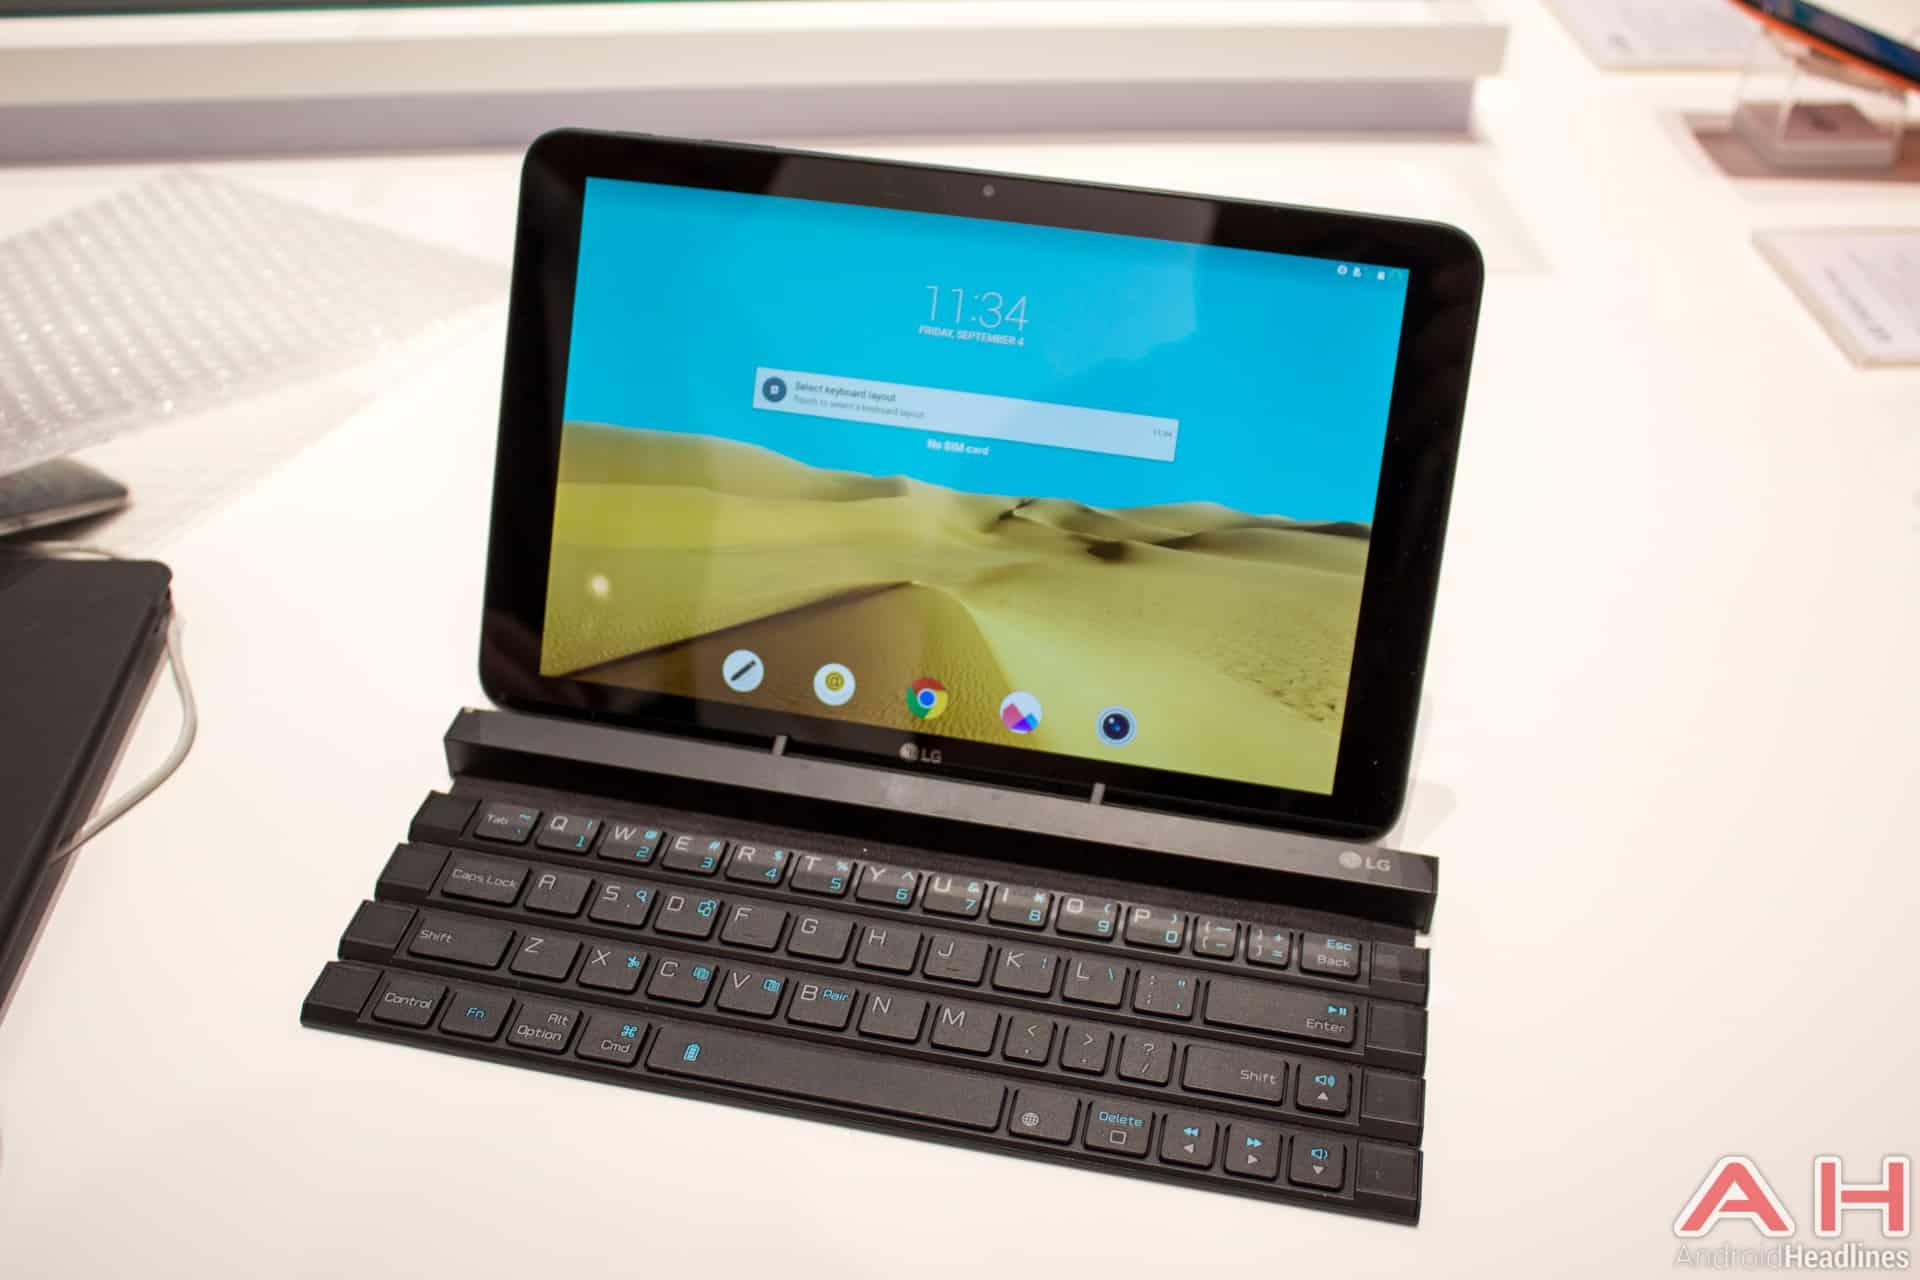 LG Rolly Keyboard AH 5